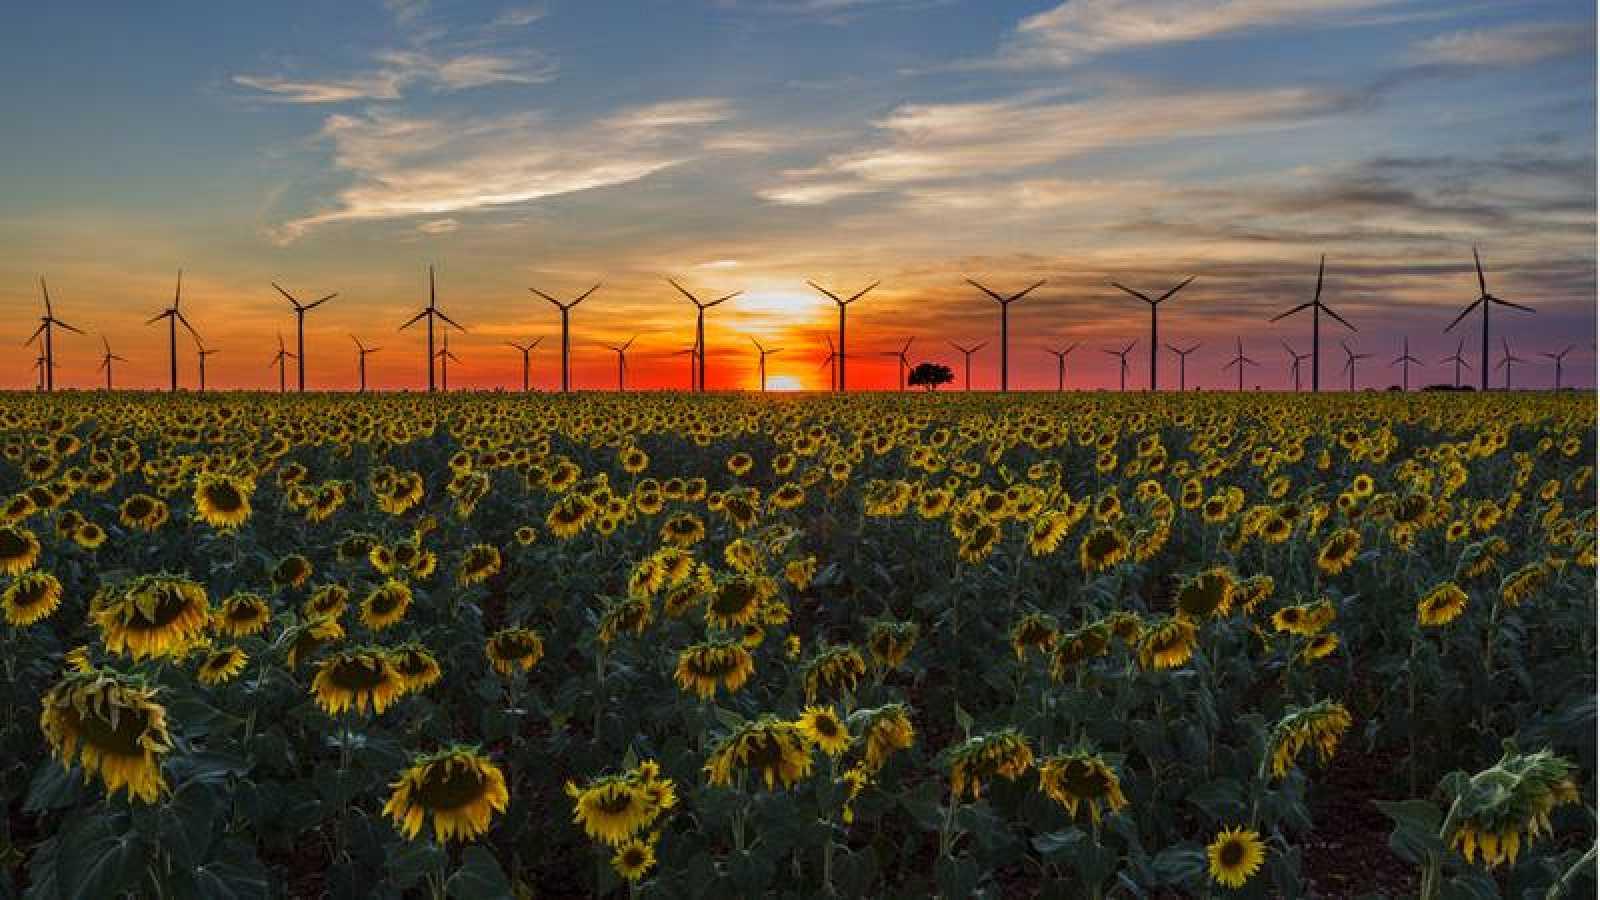 Girasoles y molinos de viento durante una puesta de sol.